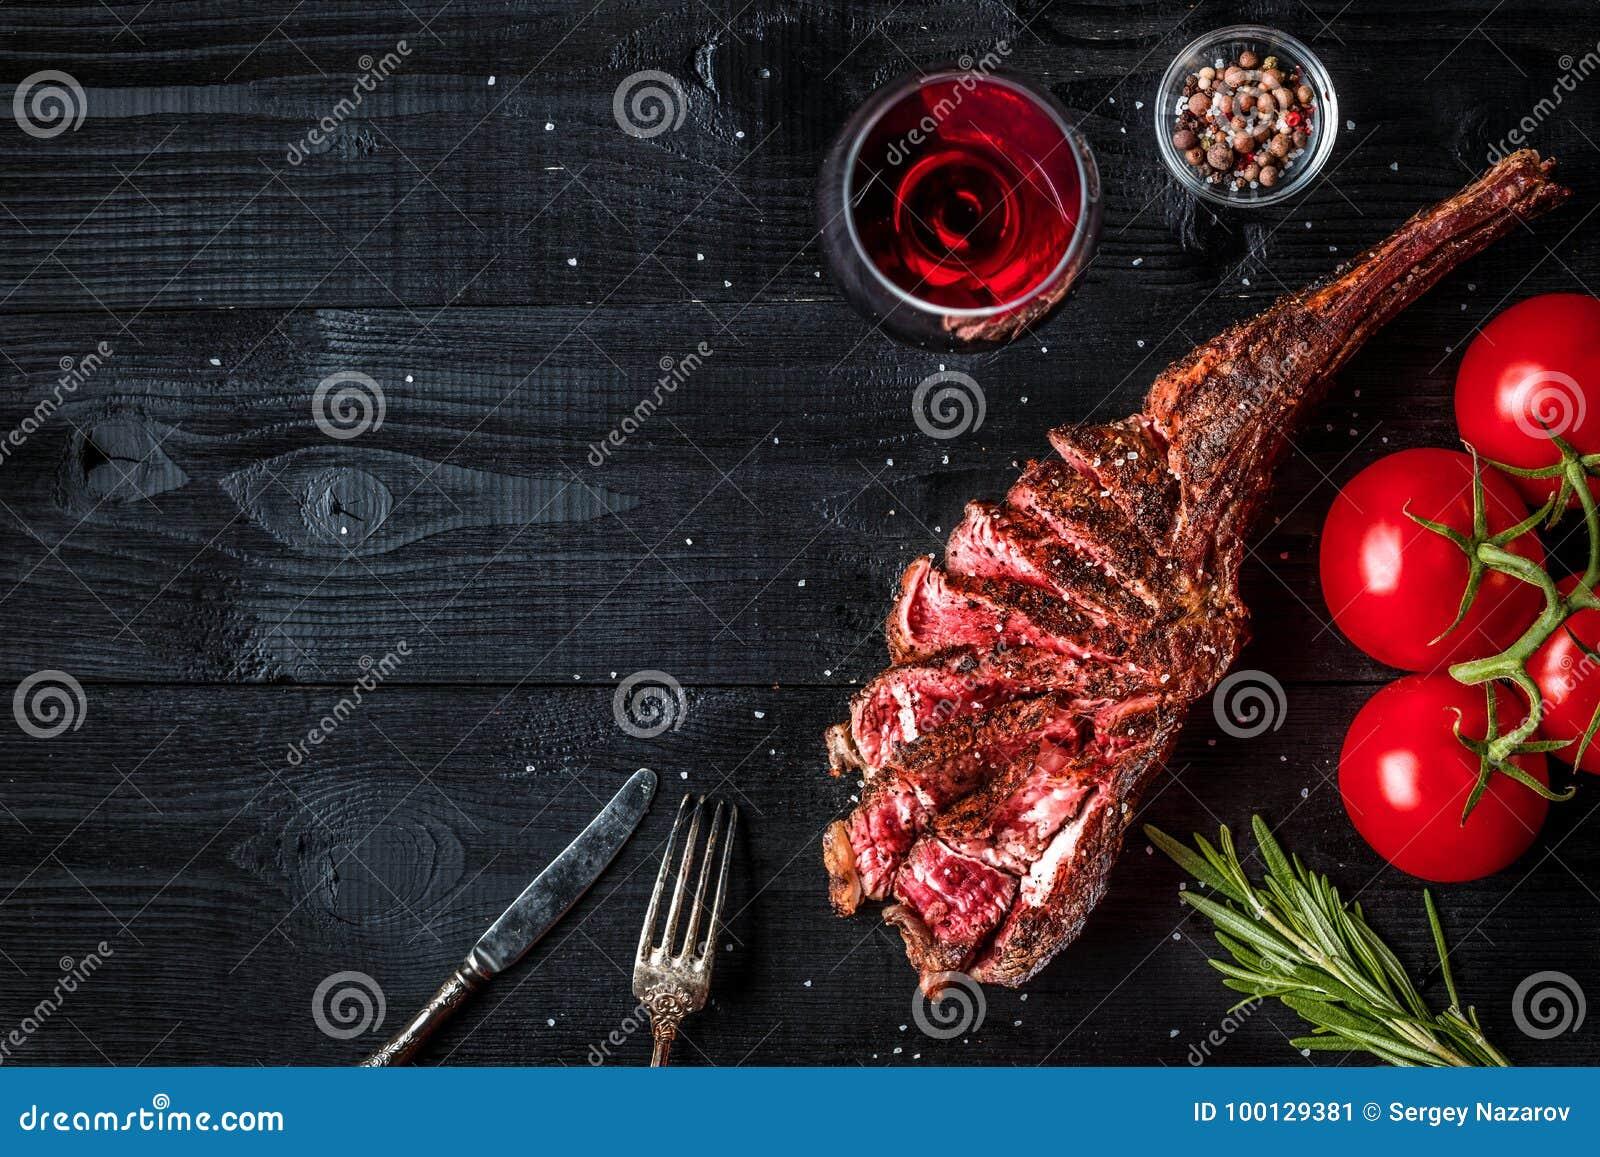 Grillen Sie trockene gealterte Rippe des Rindfleisches mit Gewürz, Gemüse und Glas der Rotweinnahaufnahme auf schwarzem hölzernem